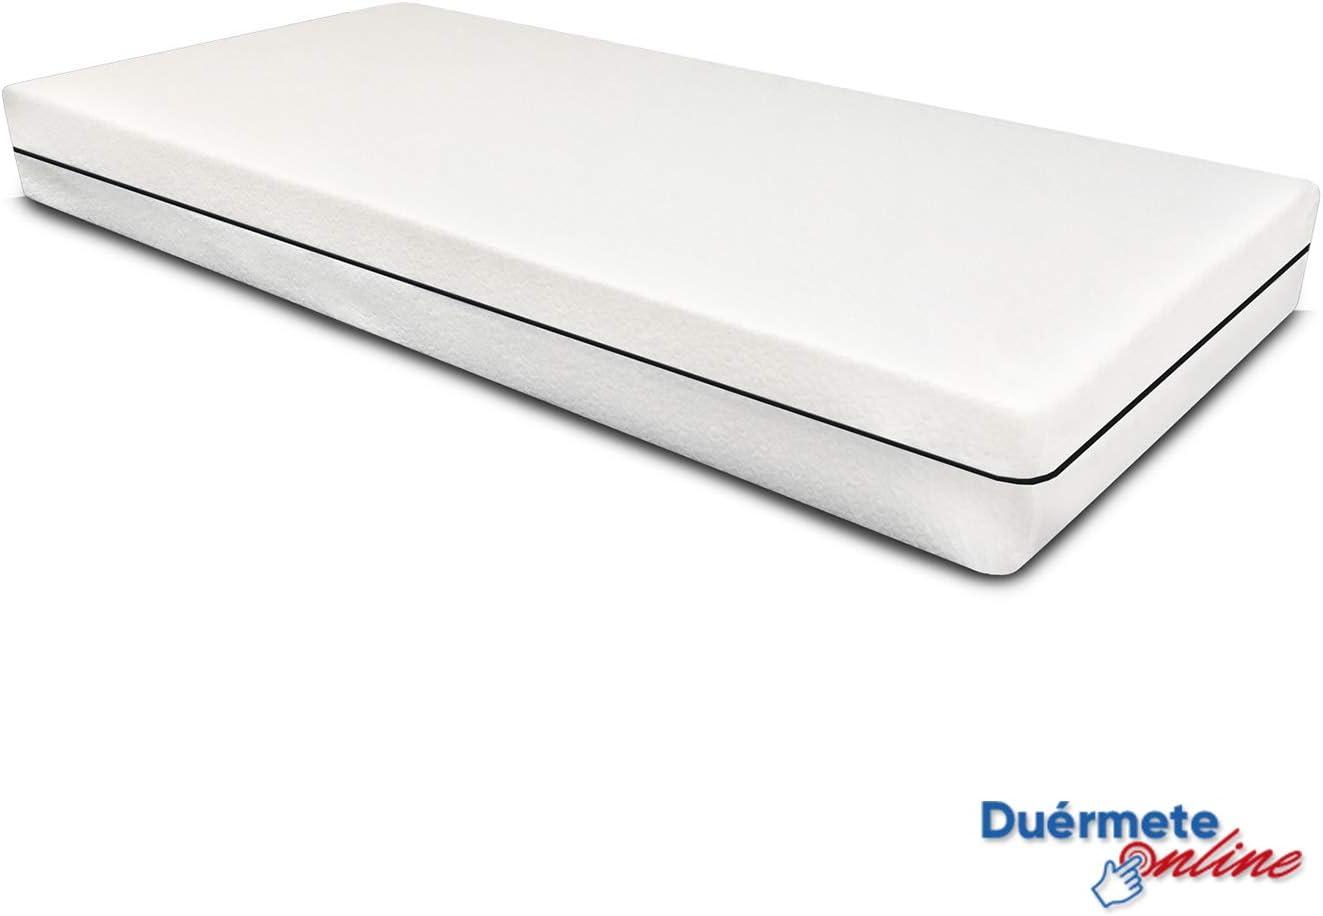 Duérmete Online - Cama Eléctrica Articulada Reforzada 5 ...